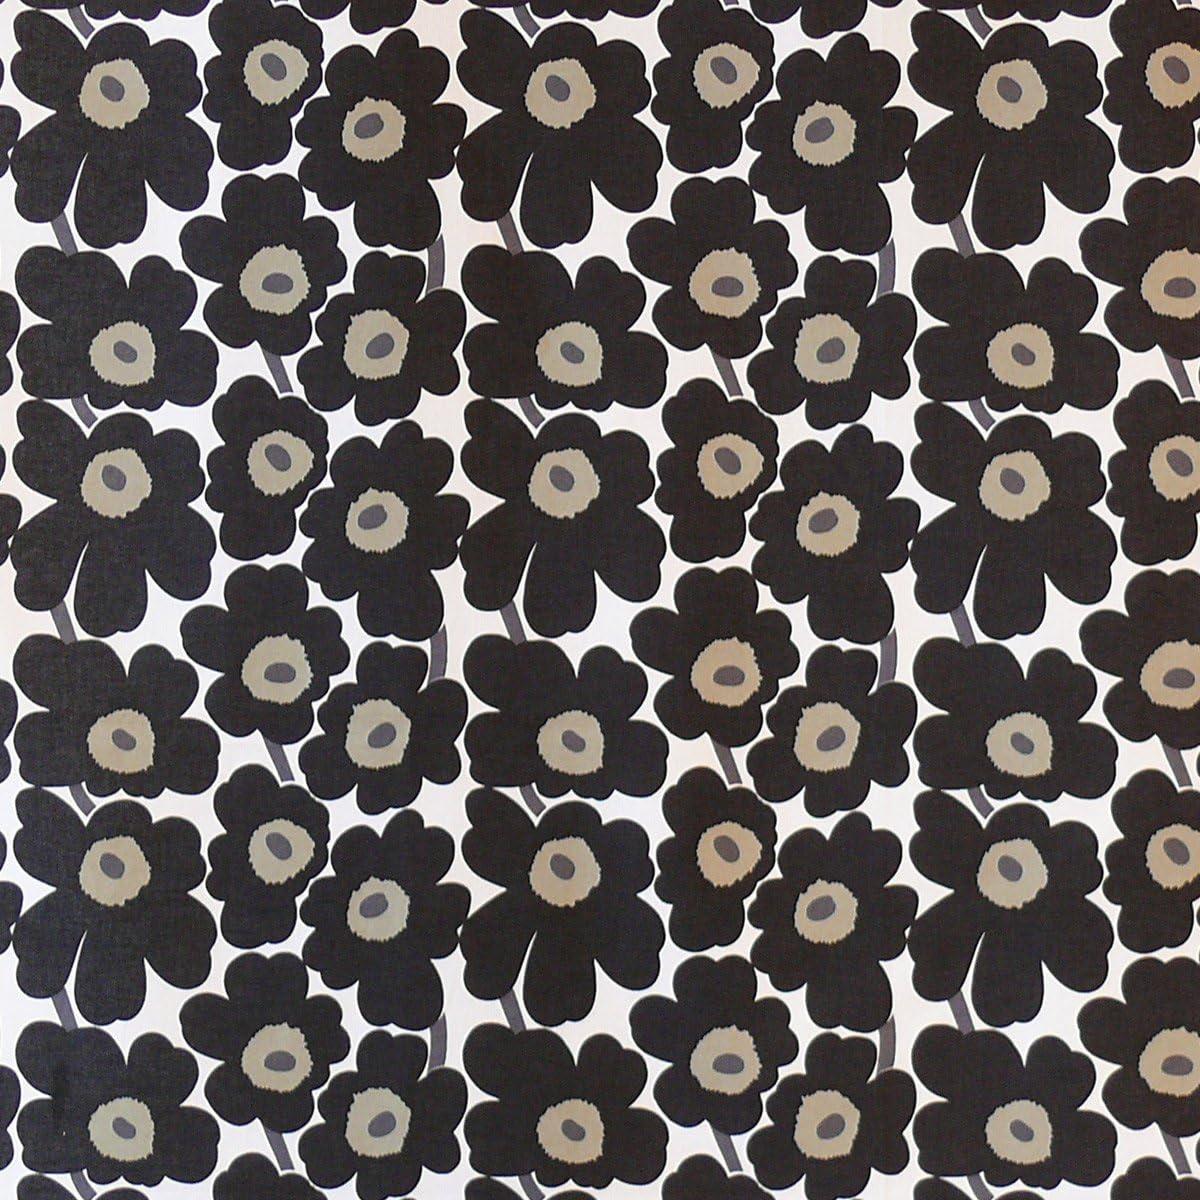 生地 Ipad壁紙 Marimekko マリメッコ ブラック その他 スマホ用画像